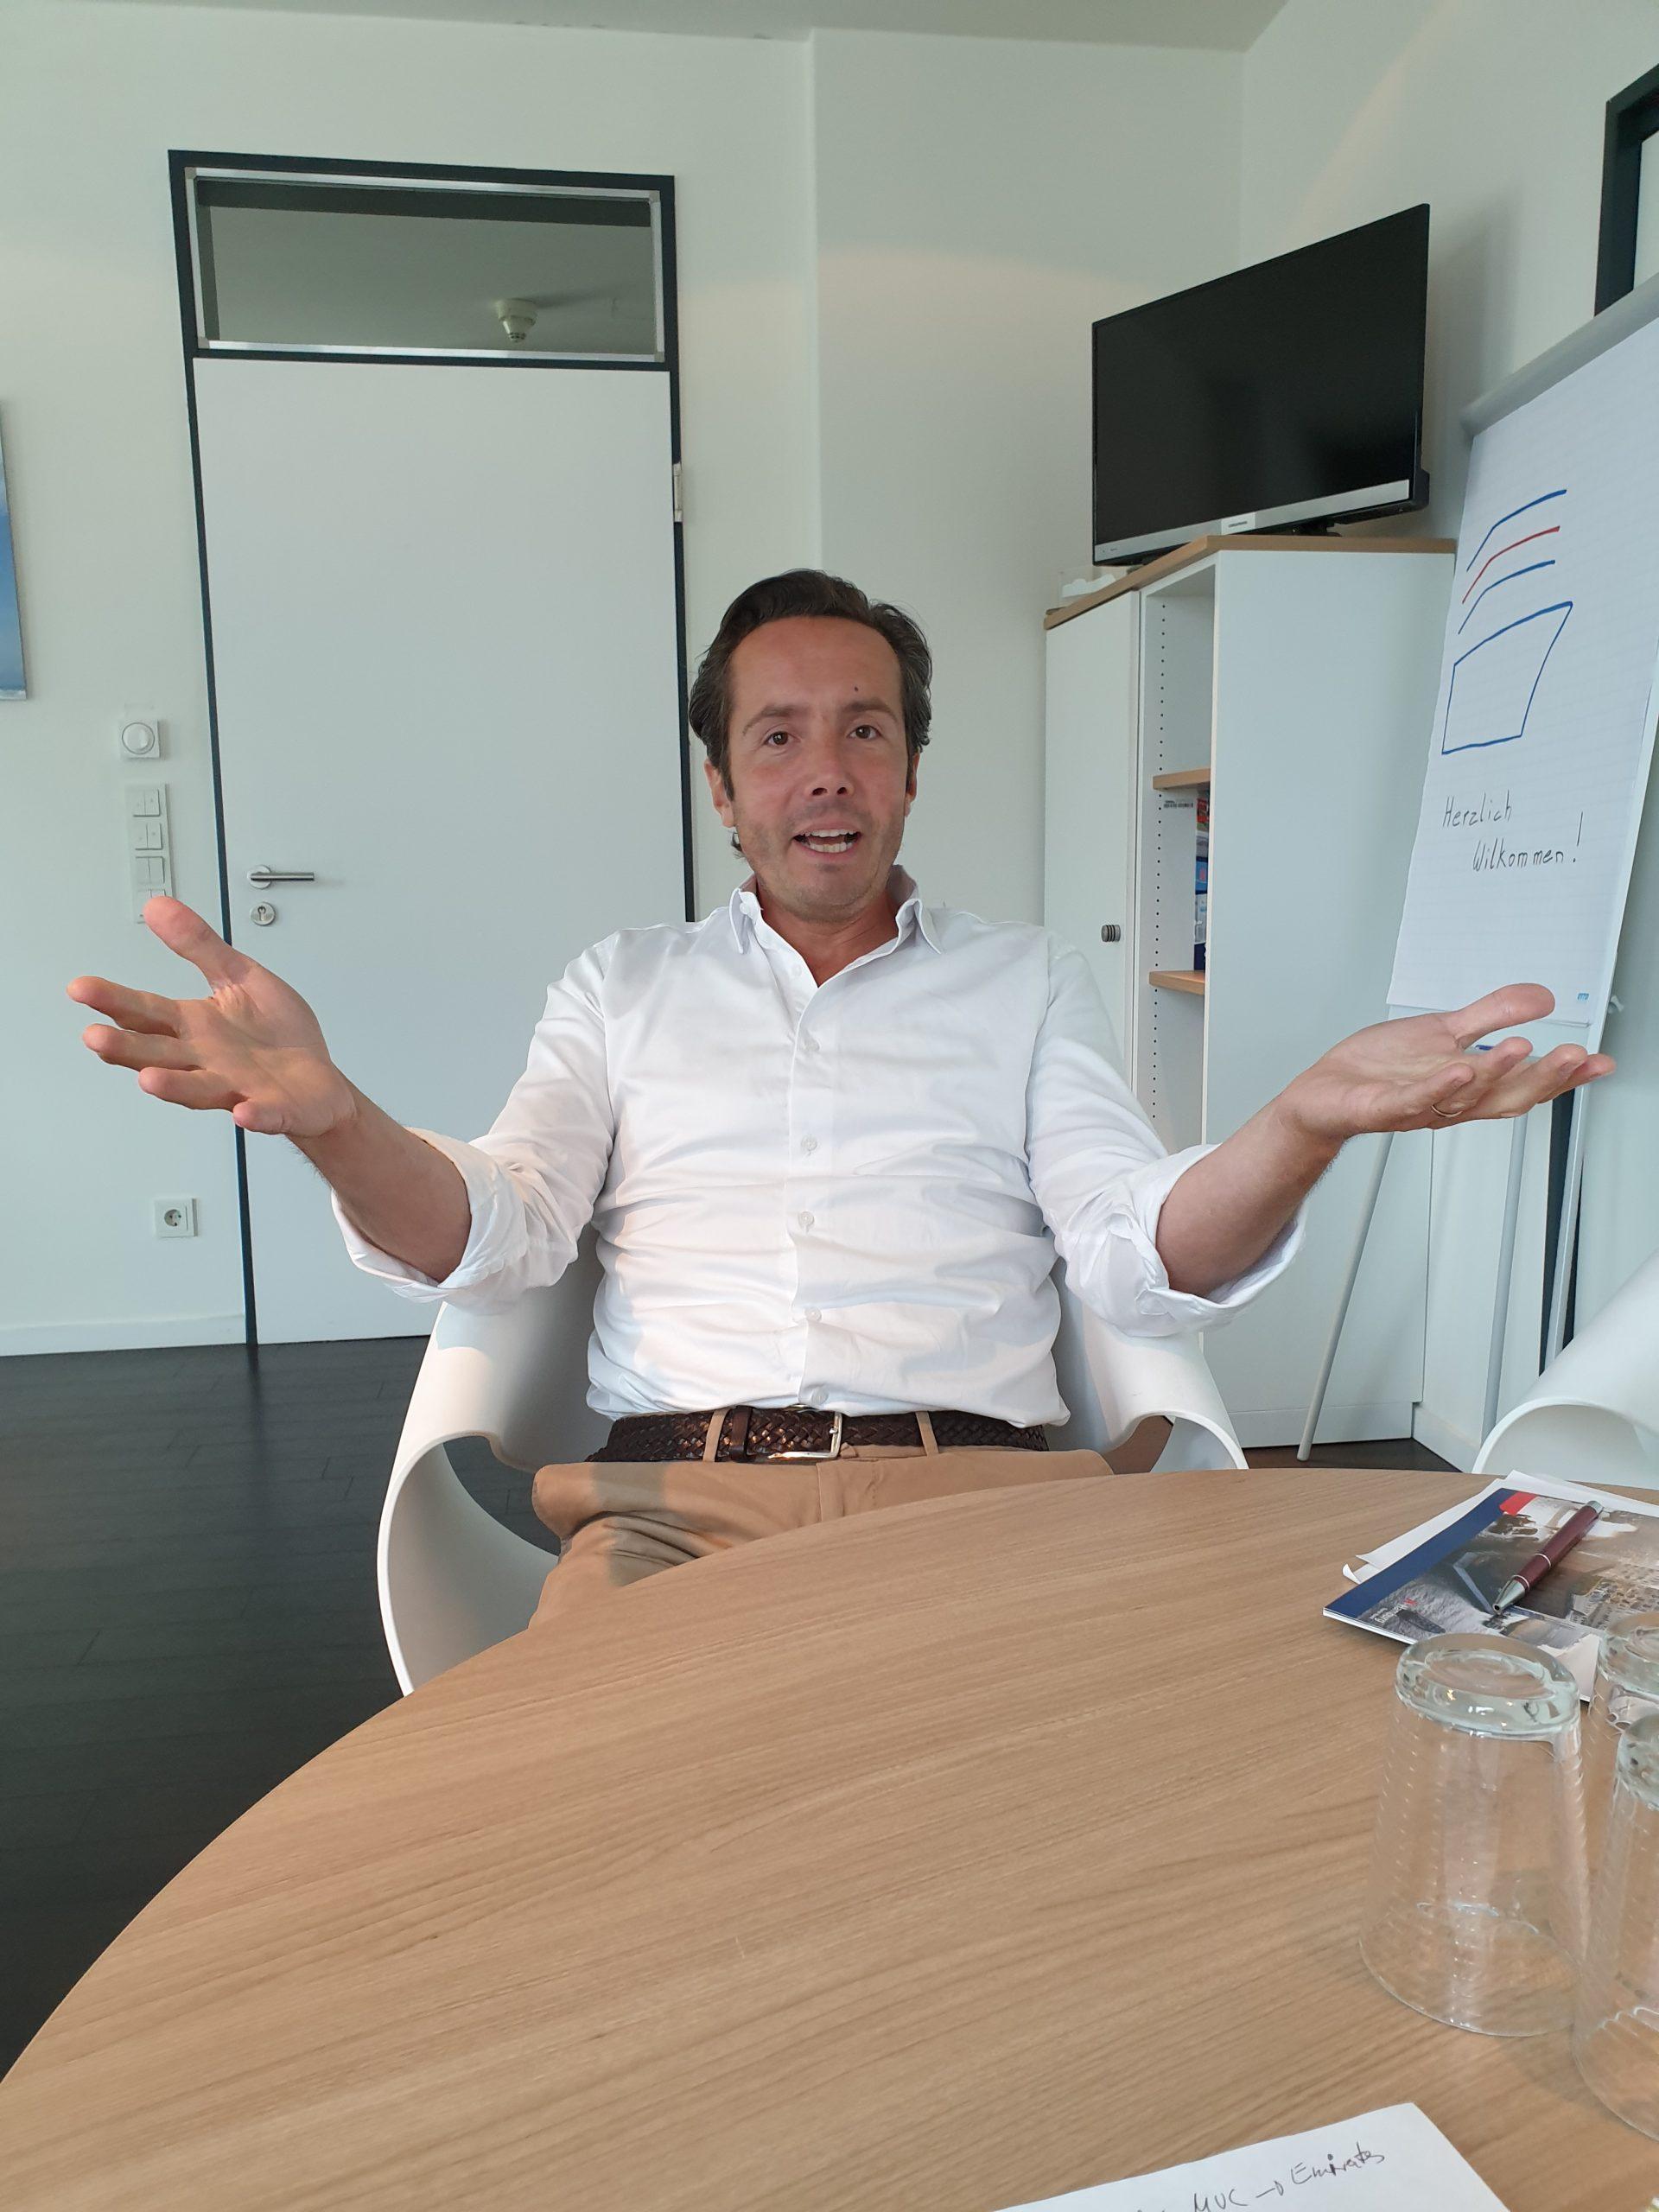 Portrait des Geschäftsführers von Cruise Gate Hamburg (CGH), Simone Maraschi. Die CGH vergibt die Liegeplätze für Kreuzfahrtschiffe in HH